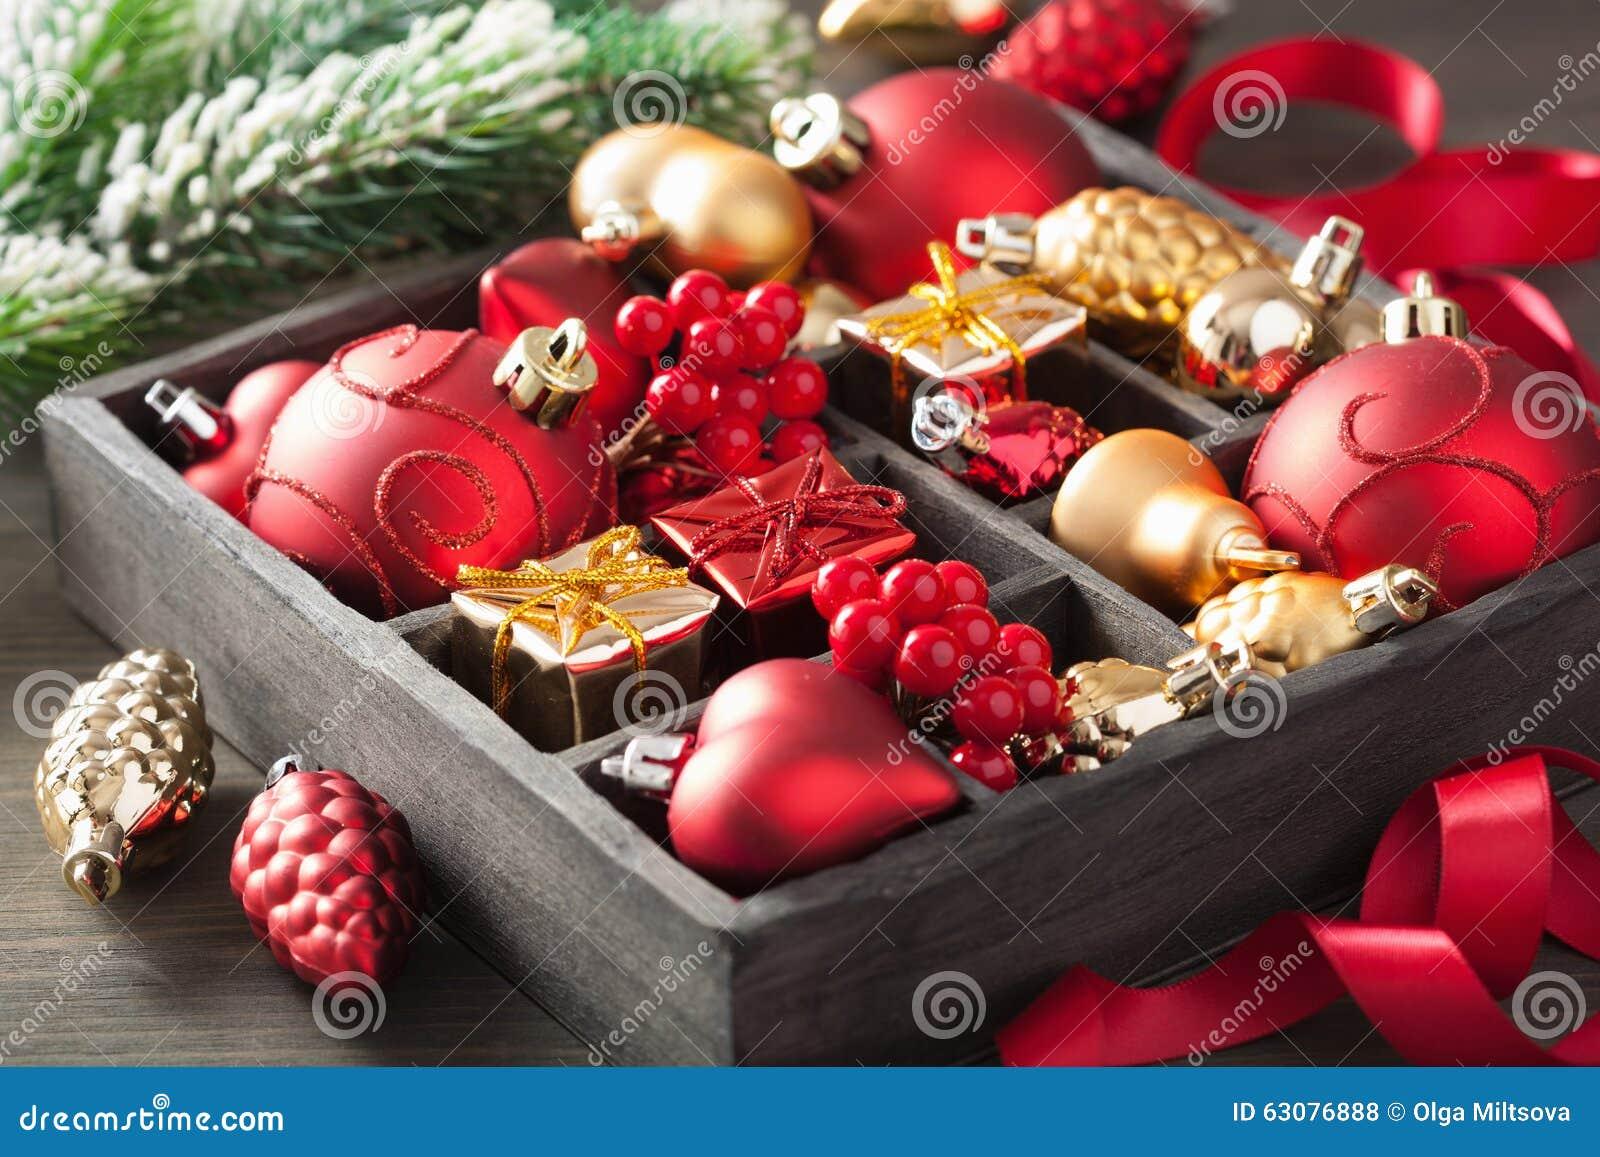 Download Cadeau Et Décoration De Noël Dans La Boîte En Bois Photo stock - Image du célébration, closeup: 63076888